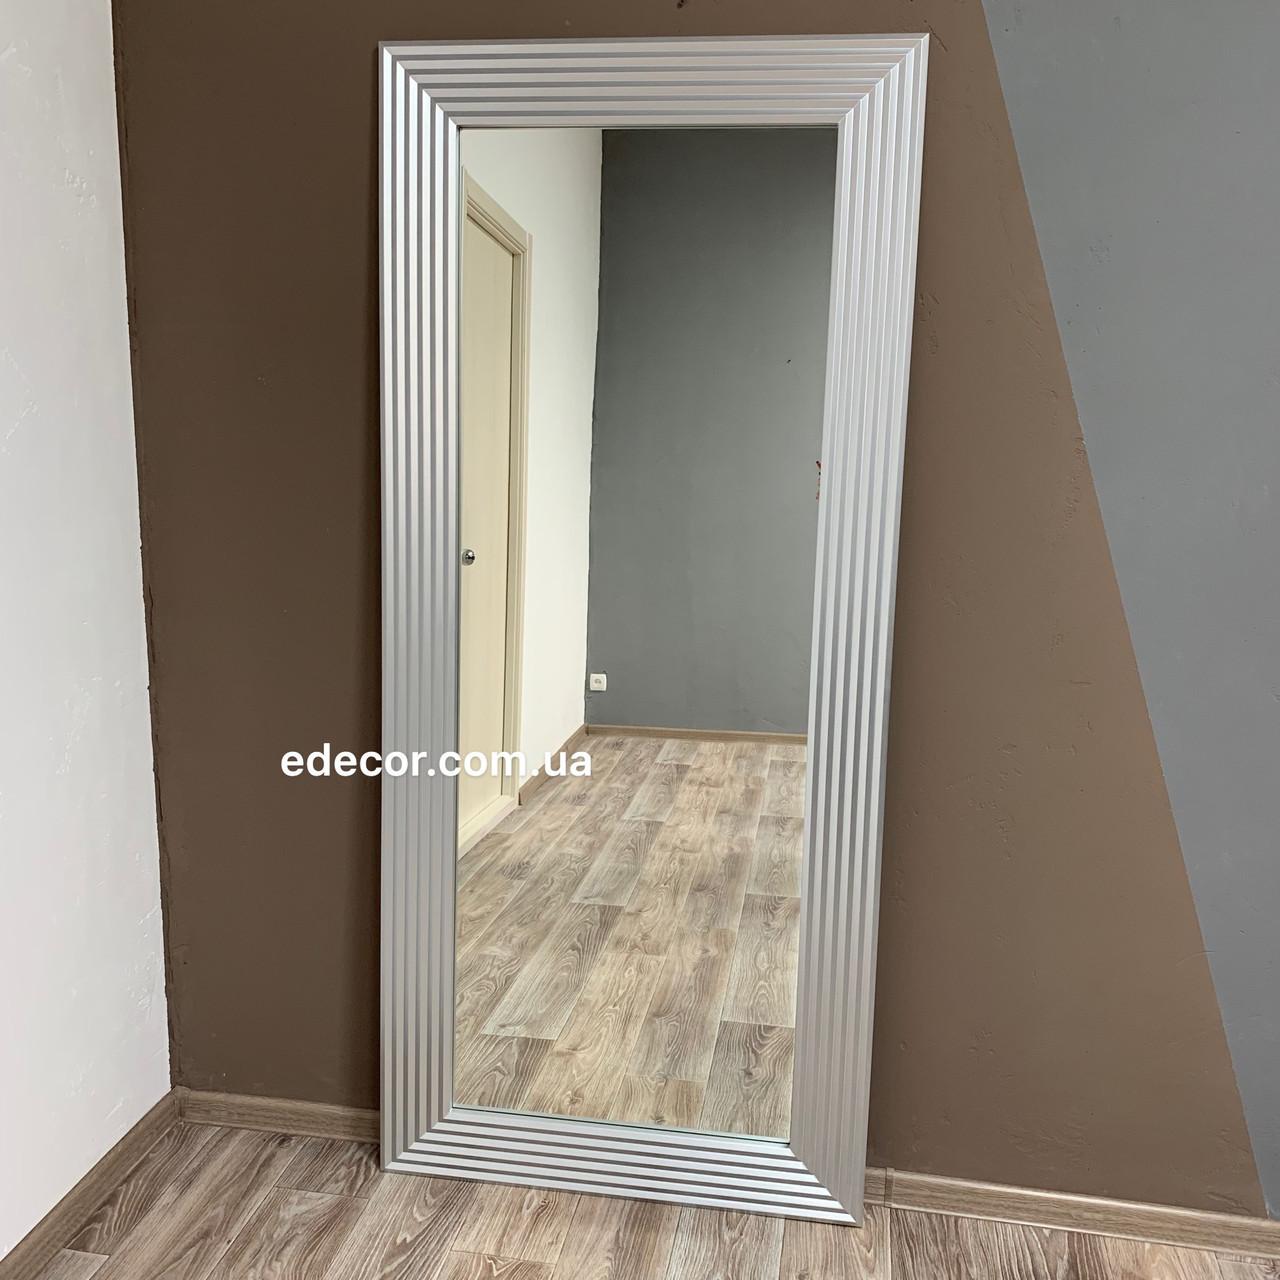 Зеркало напольное Alanno